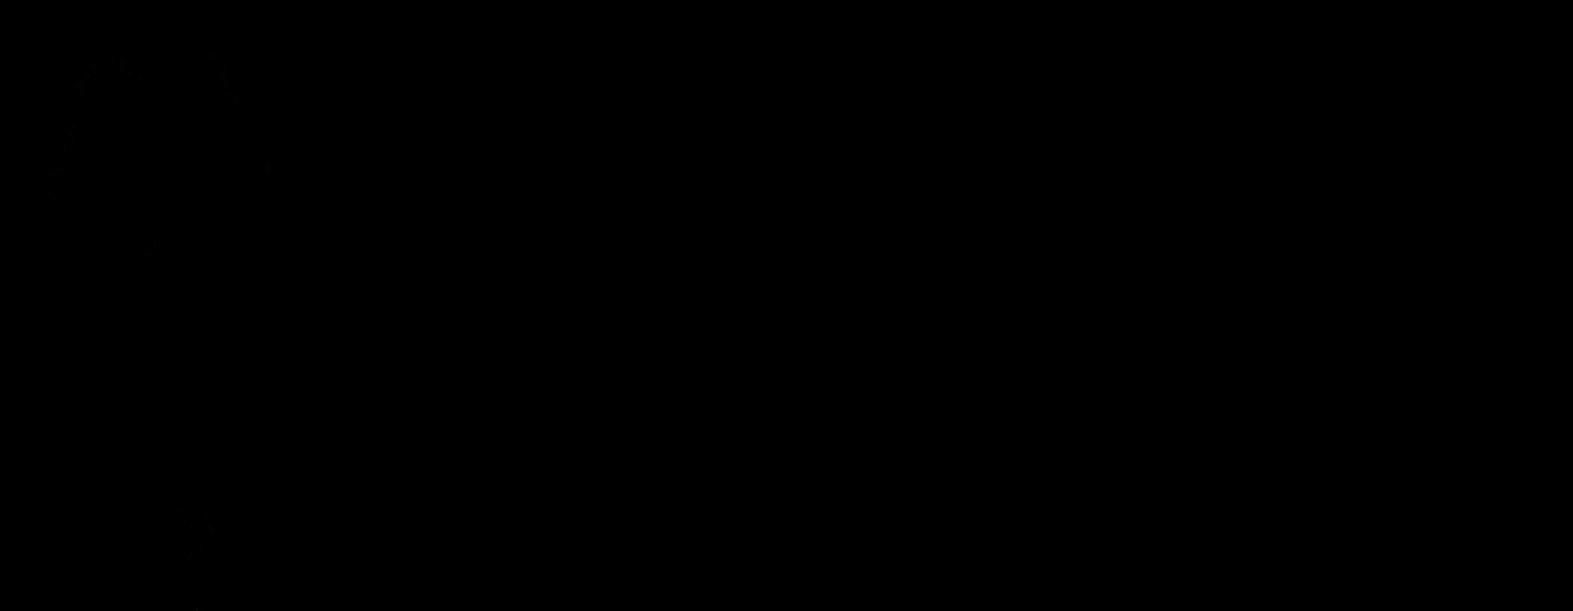 Leutwyler-Hörberatung